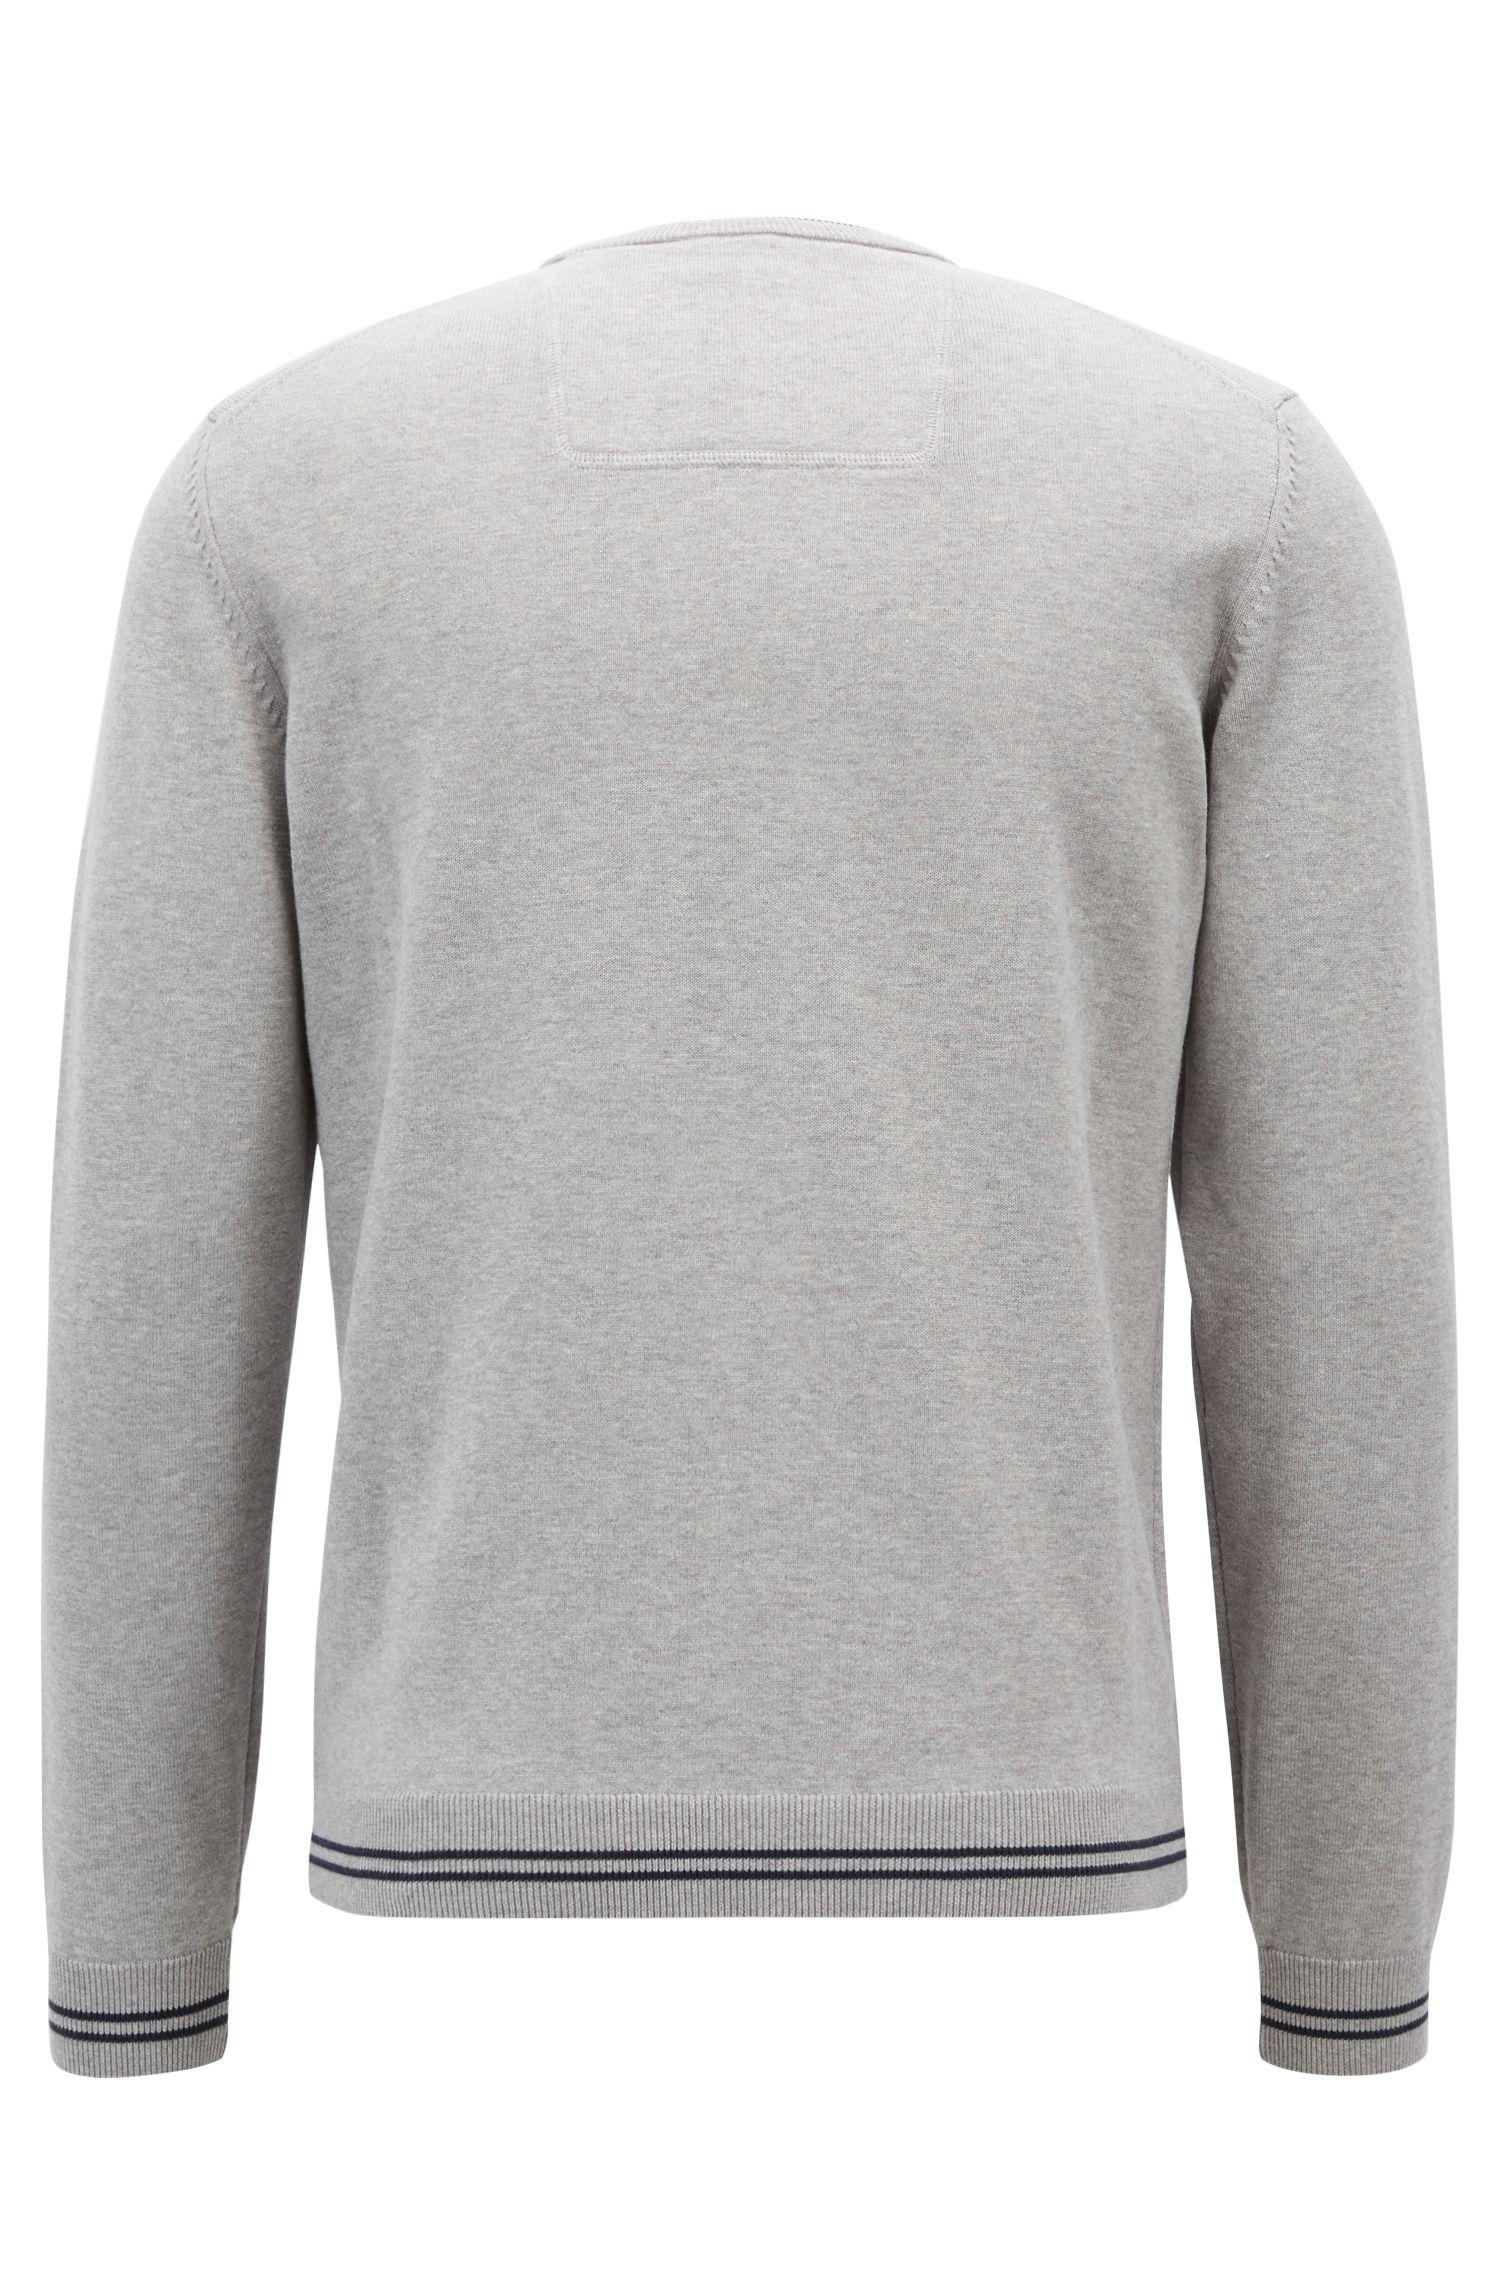 Gebreide trui met contrasterende rand en ingebreid logo, Lichtgrijs